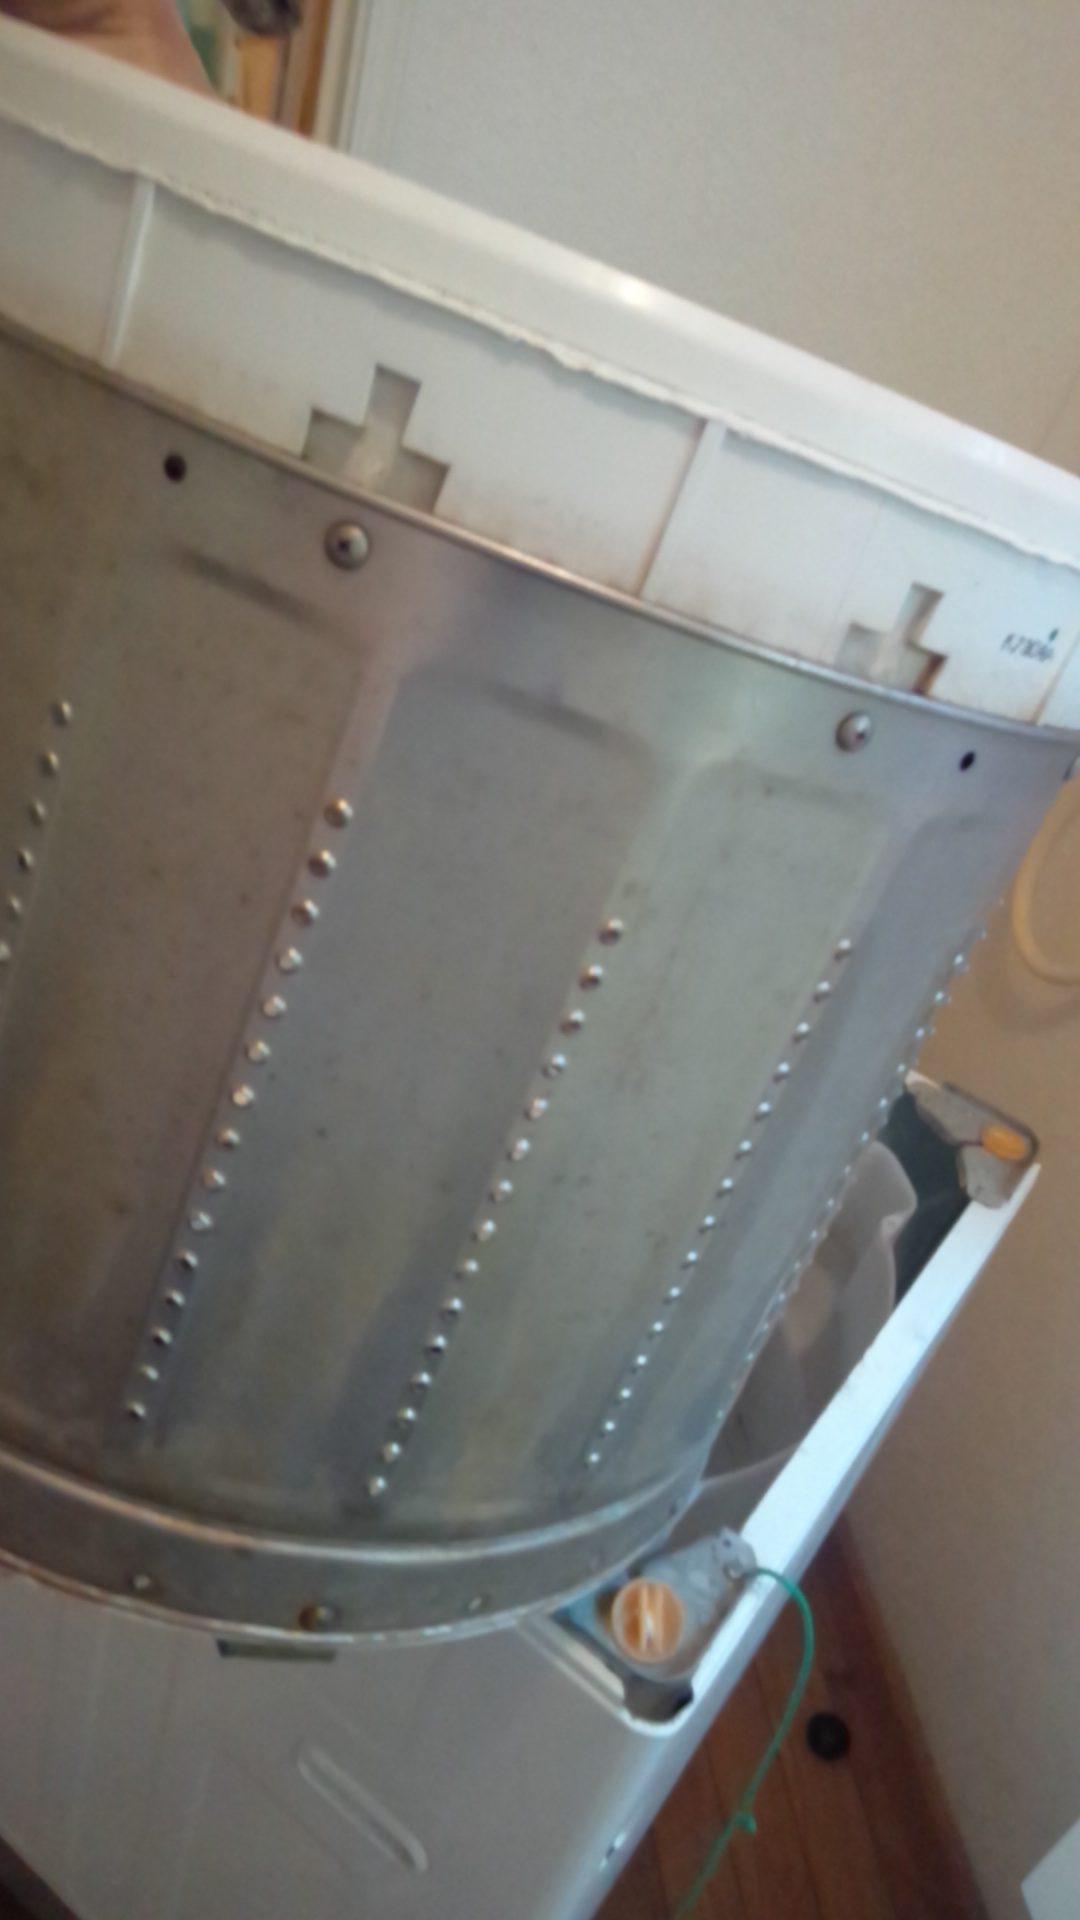 ボルトを外したら洗濯槽を引き上げます。